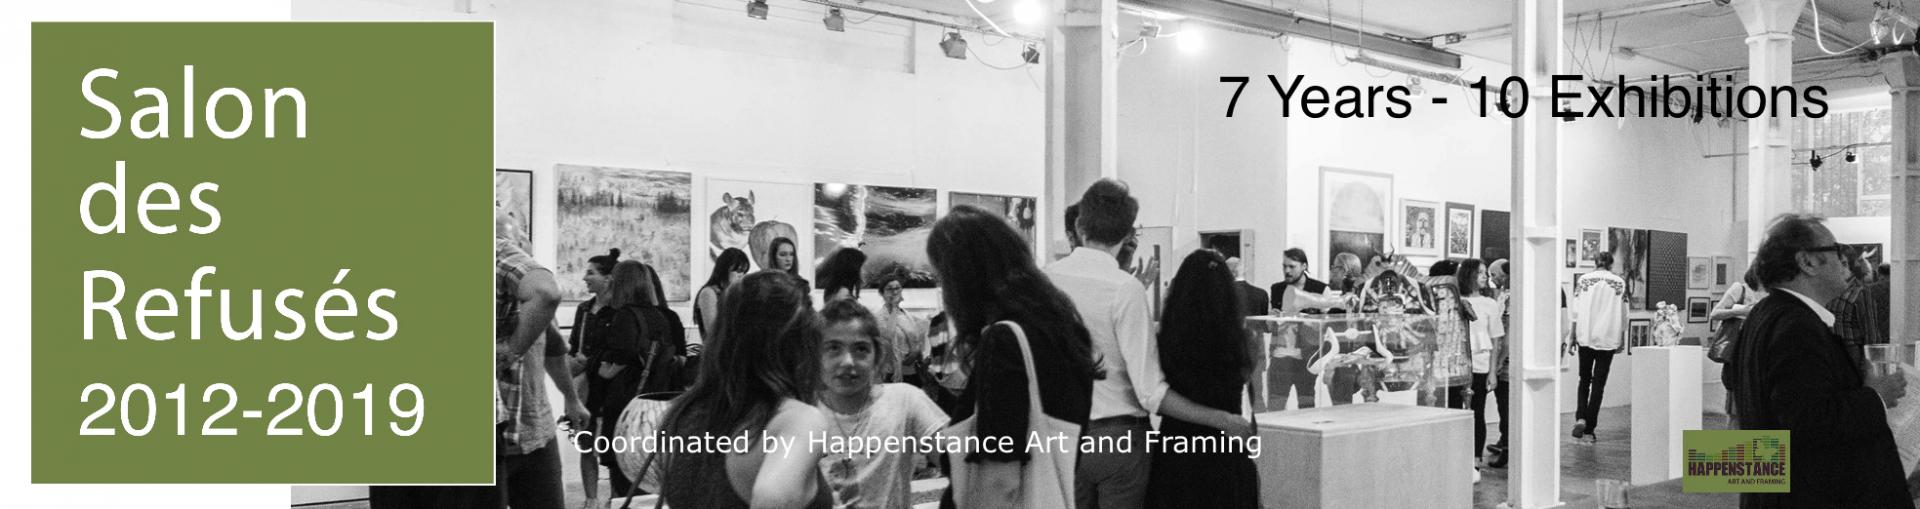 Salon des Refusés 2012-2019